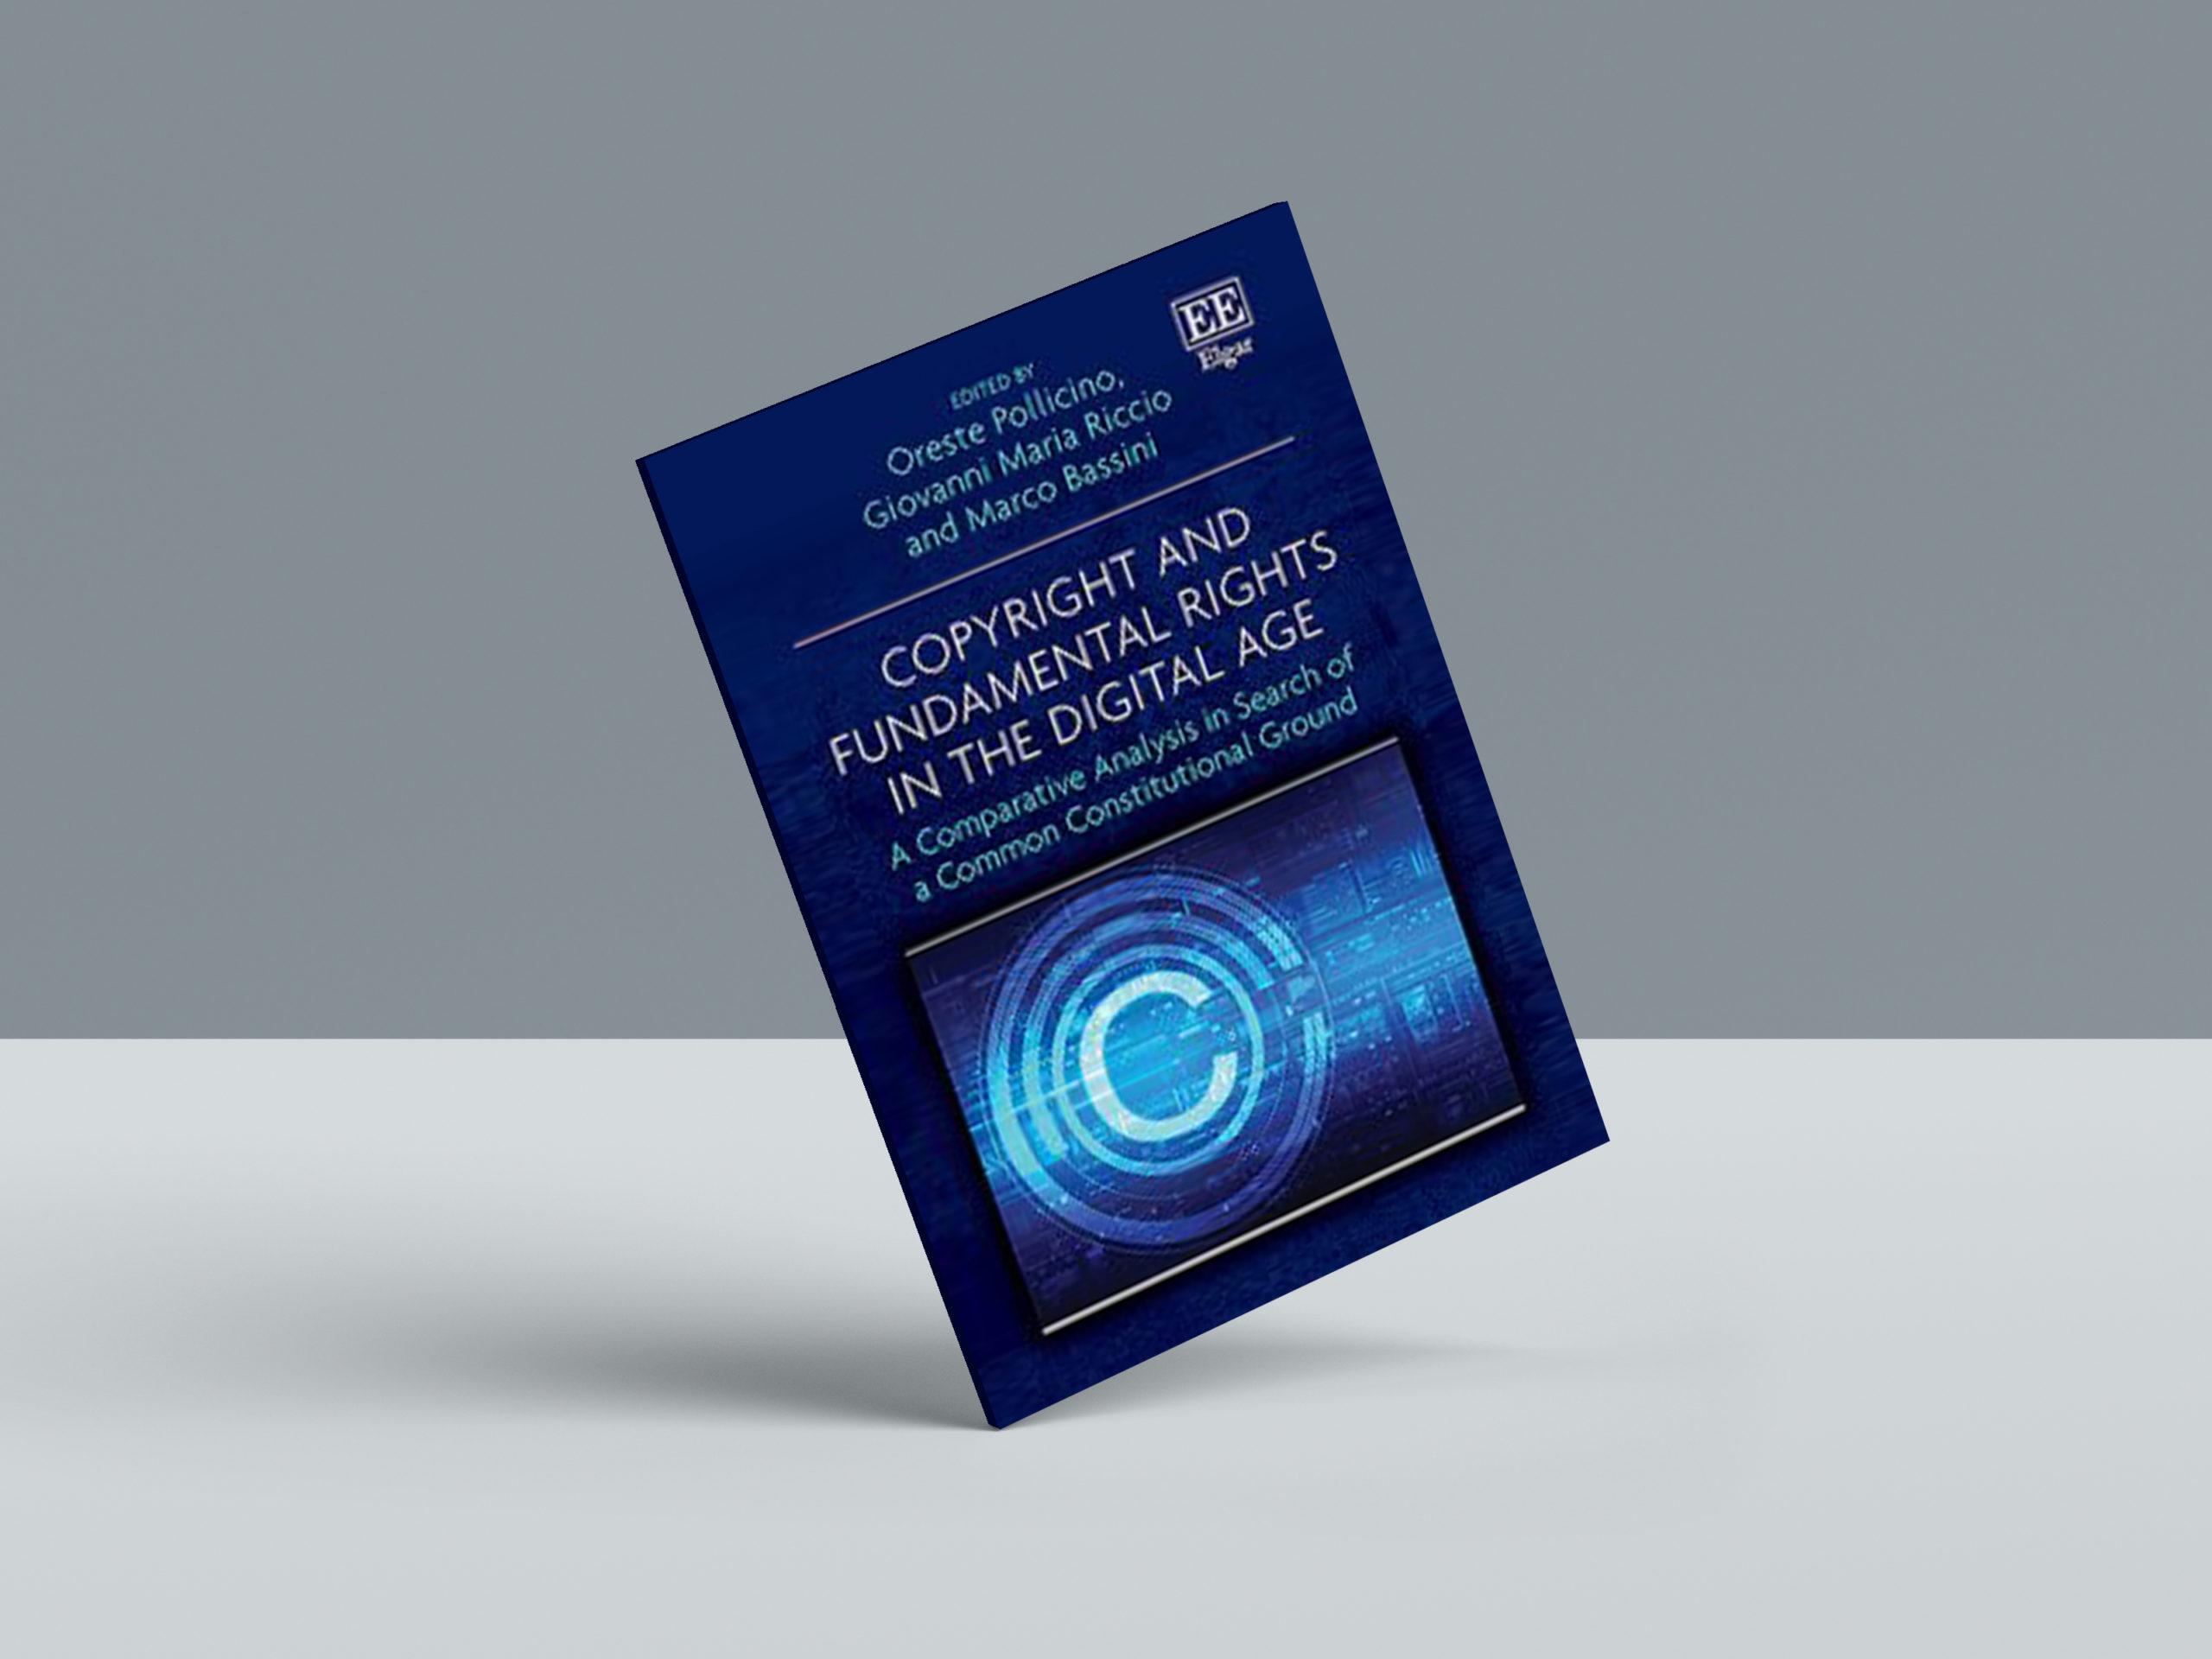 """""""Copyright and Fundamental Rights in the Digital Age"""", Giovanni Maria Riccio tra i curatori del volume"""